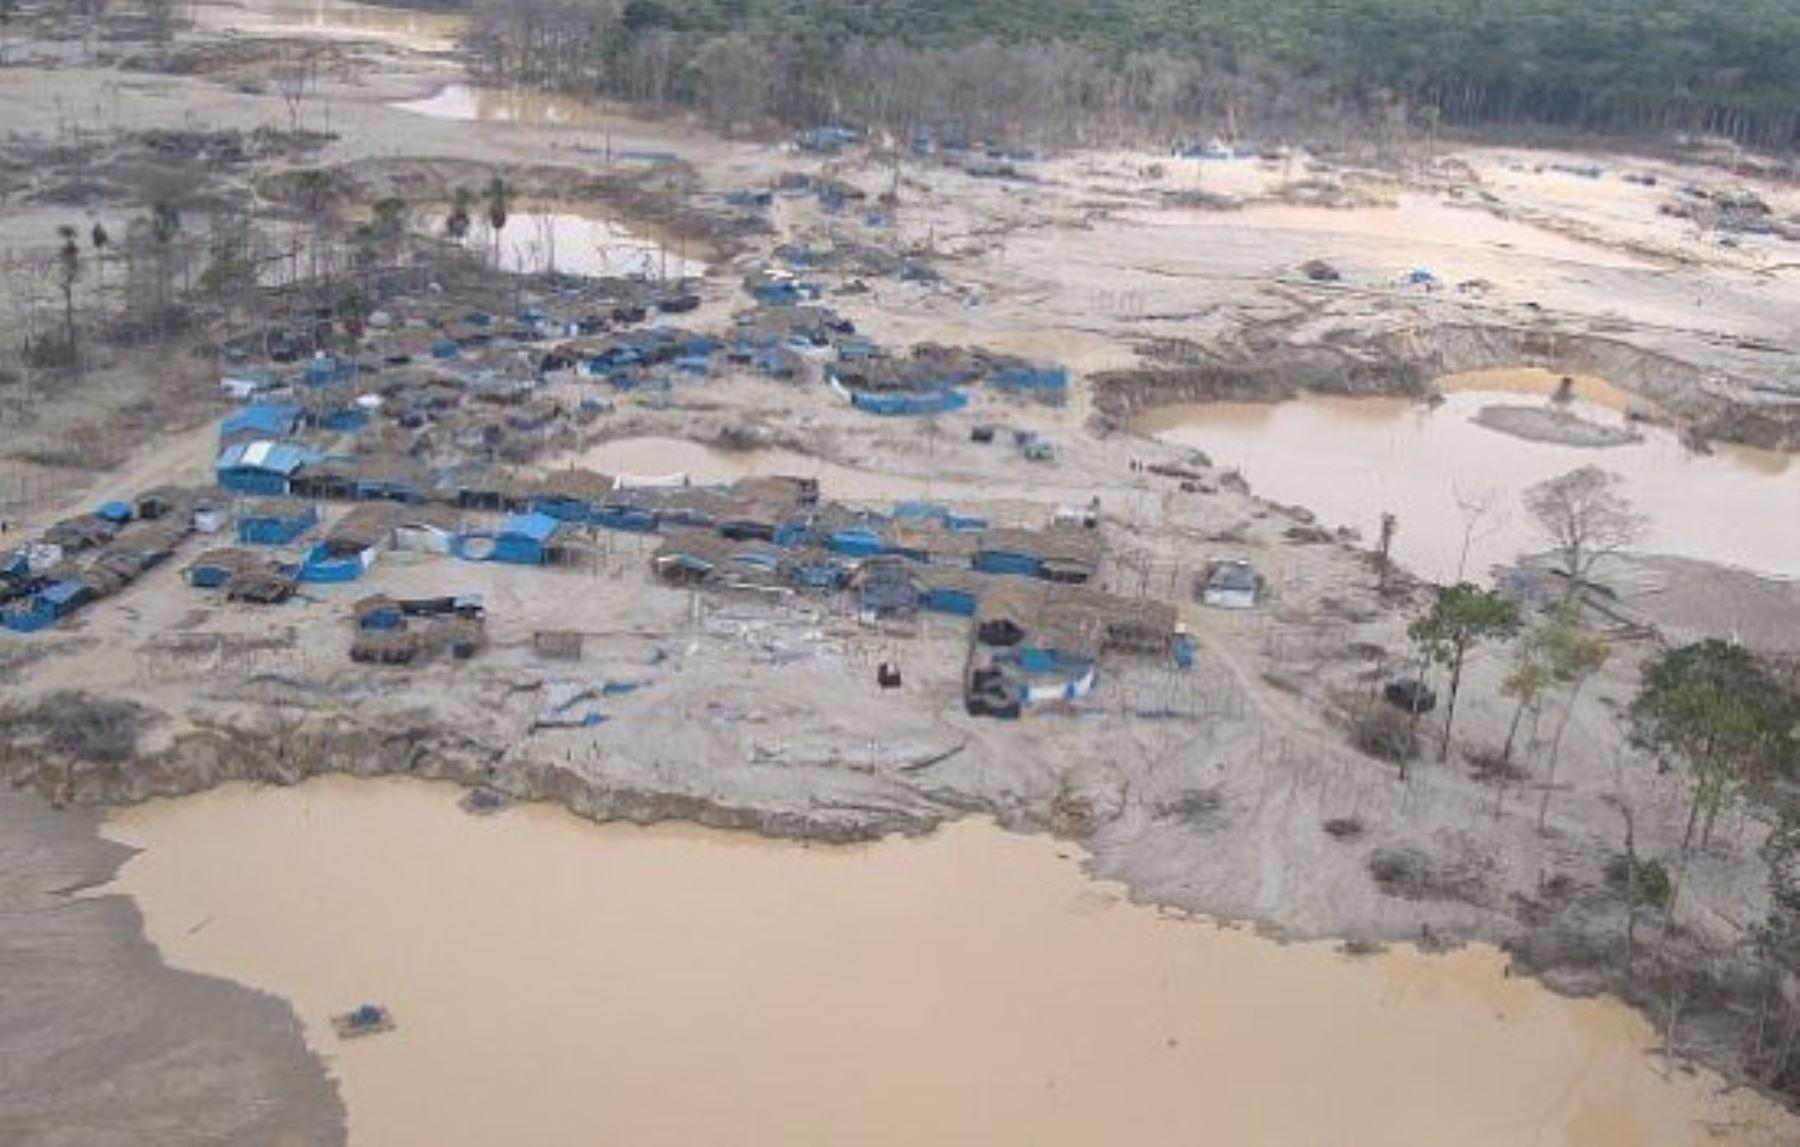 ¿Cómo reparar el impacto de los pasivos ambientales en los pueblos indígenas?